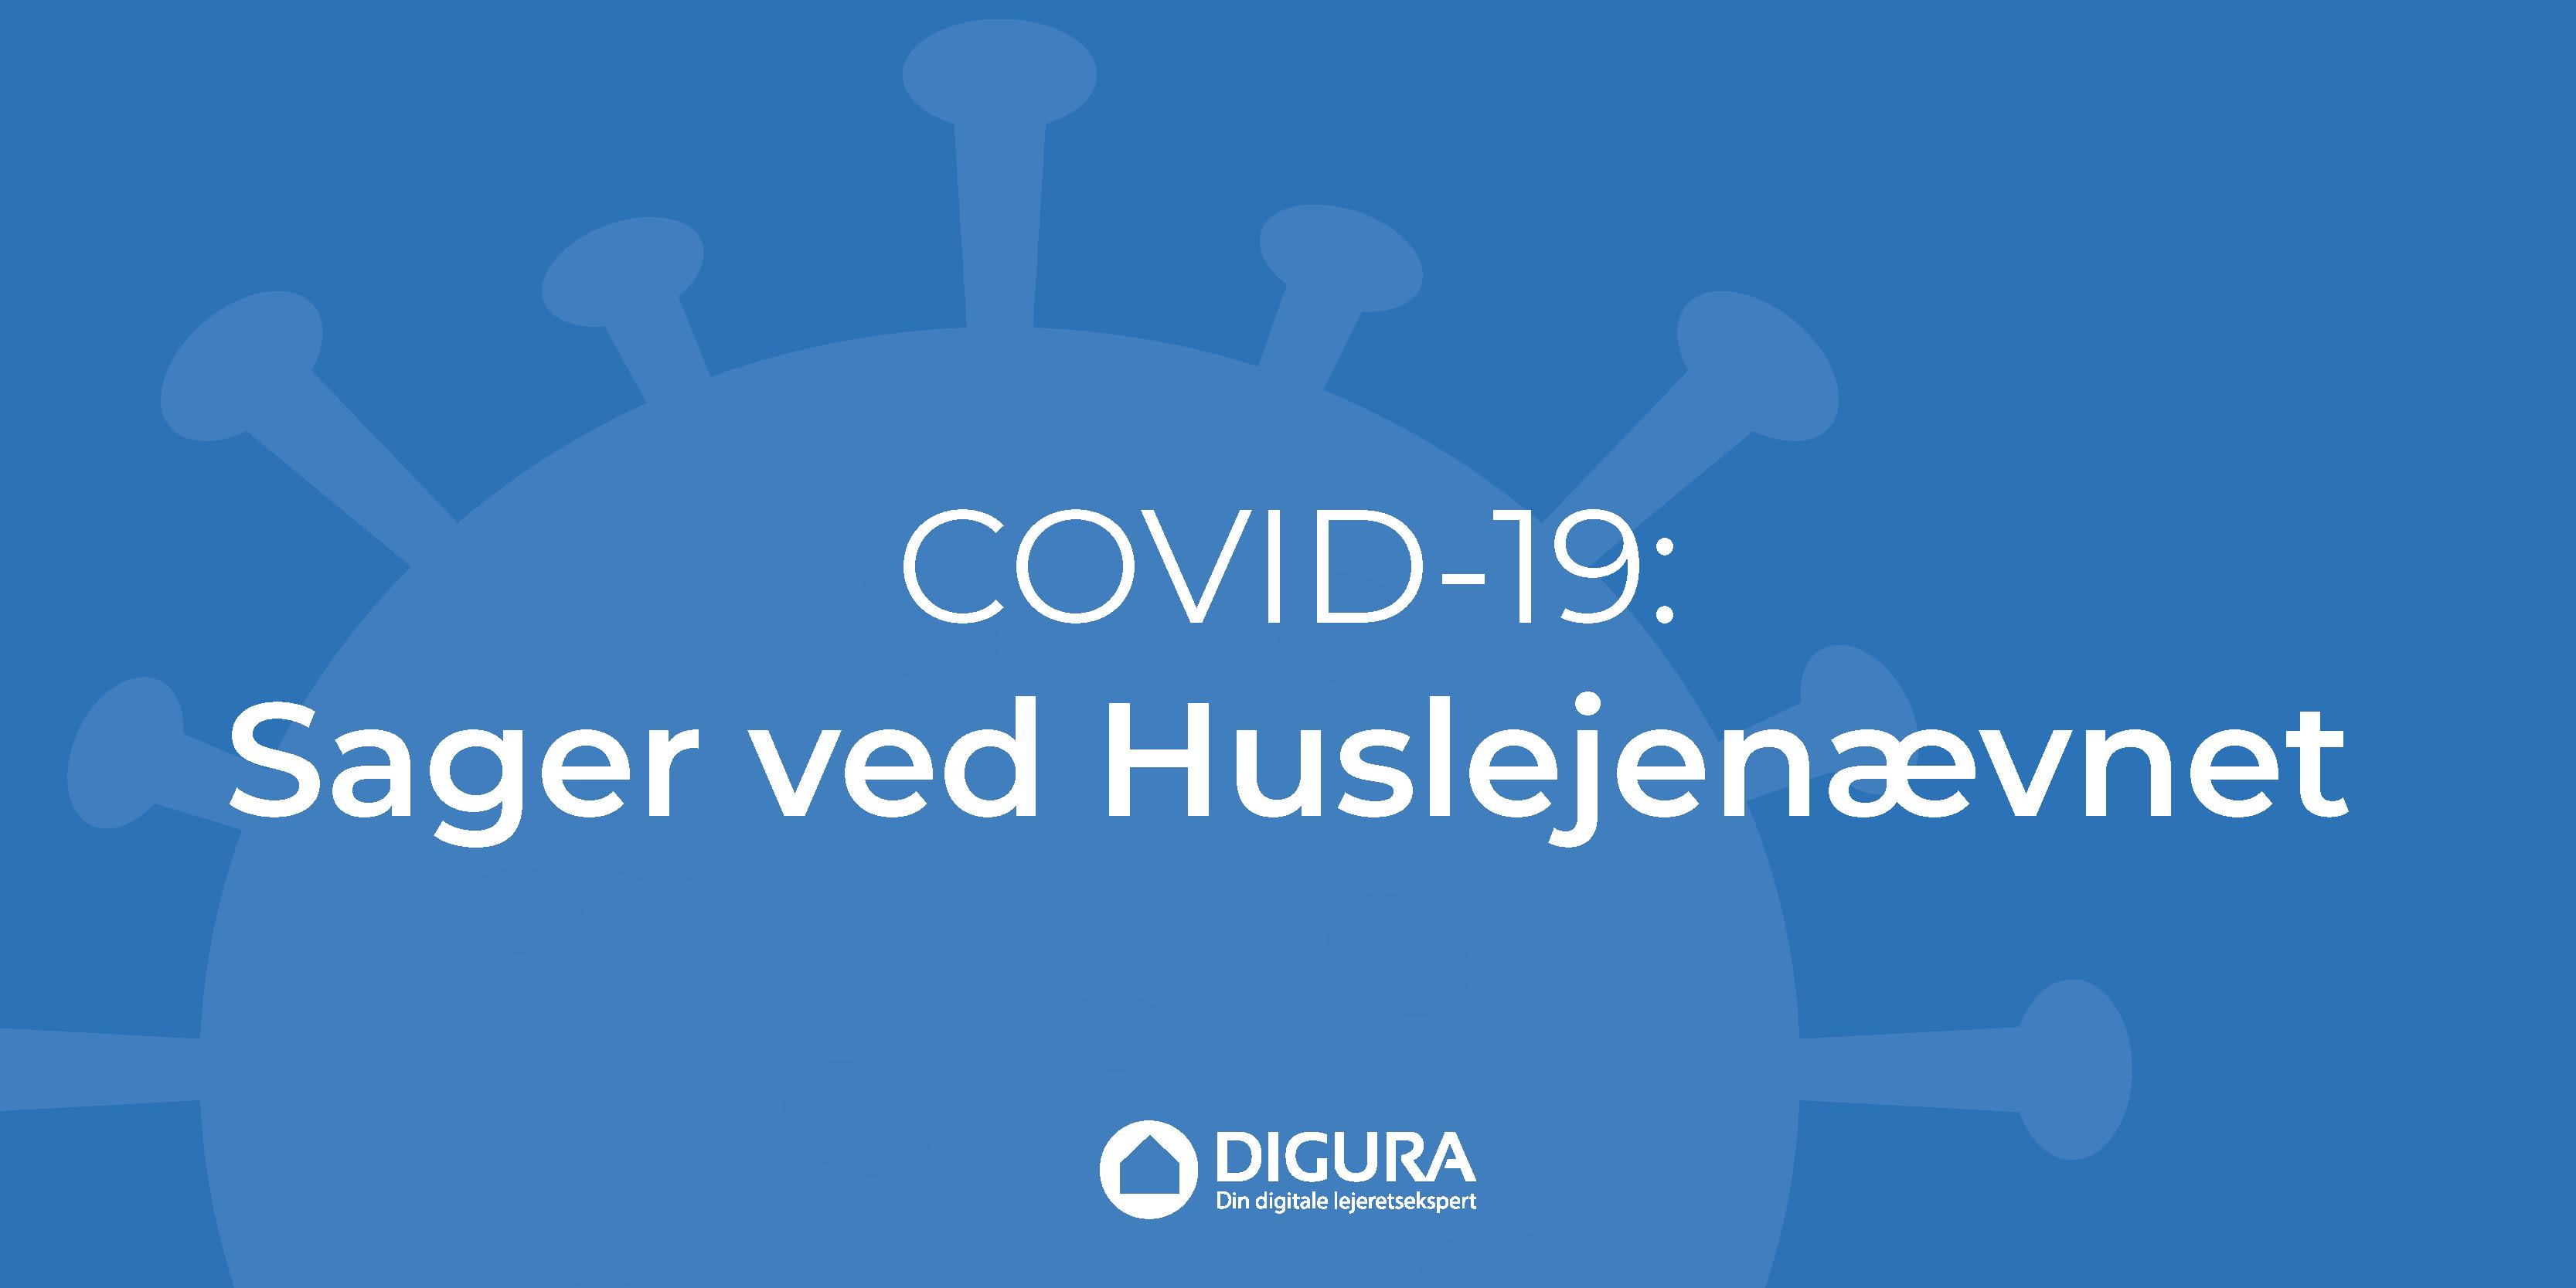 Covid-19: Sager ved Huslejenævnet